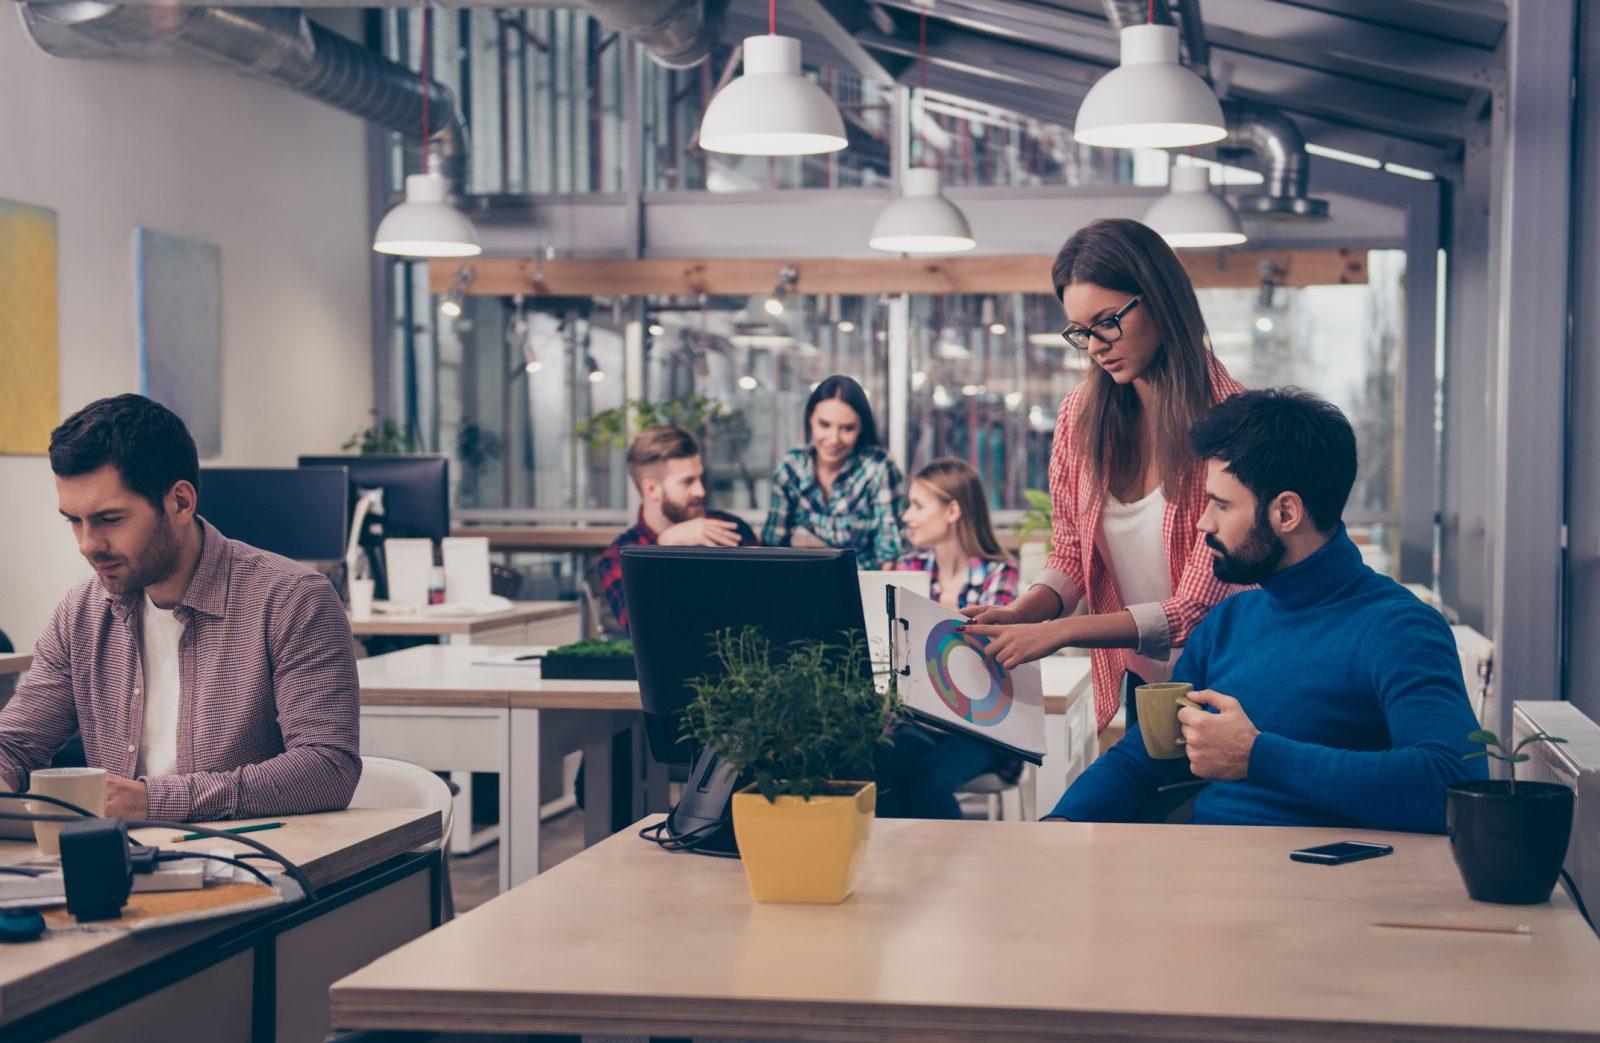 Working in an open plan office